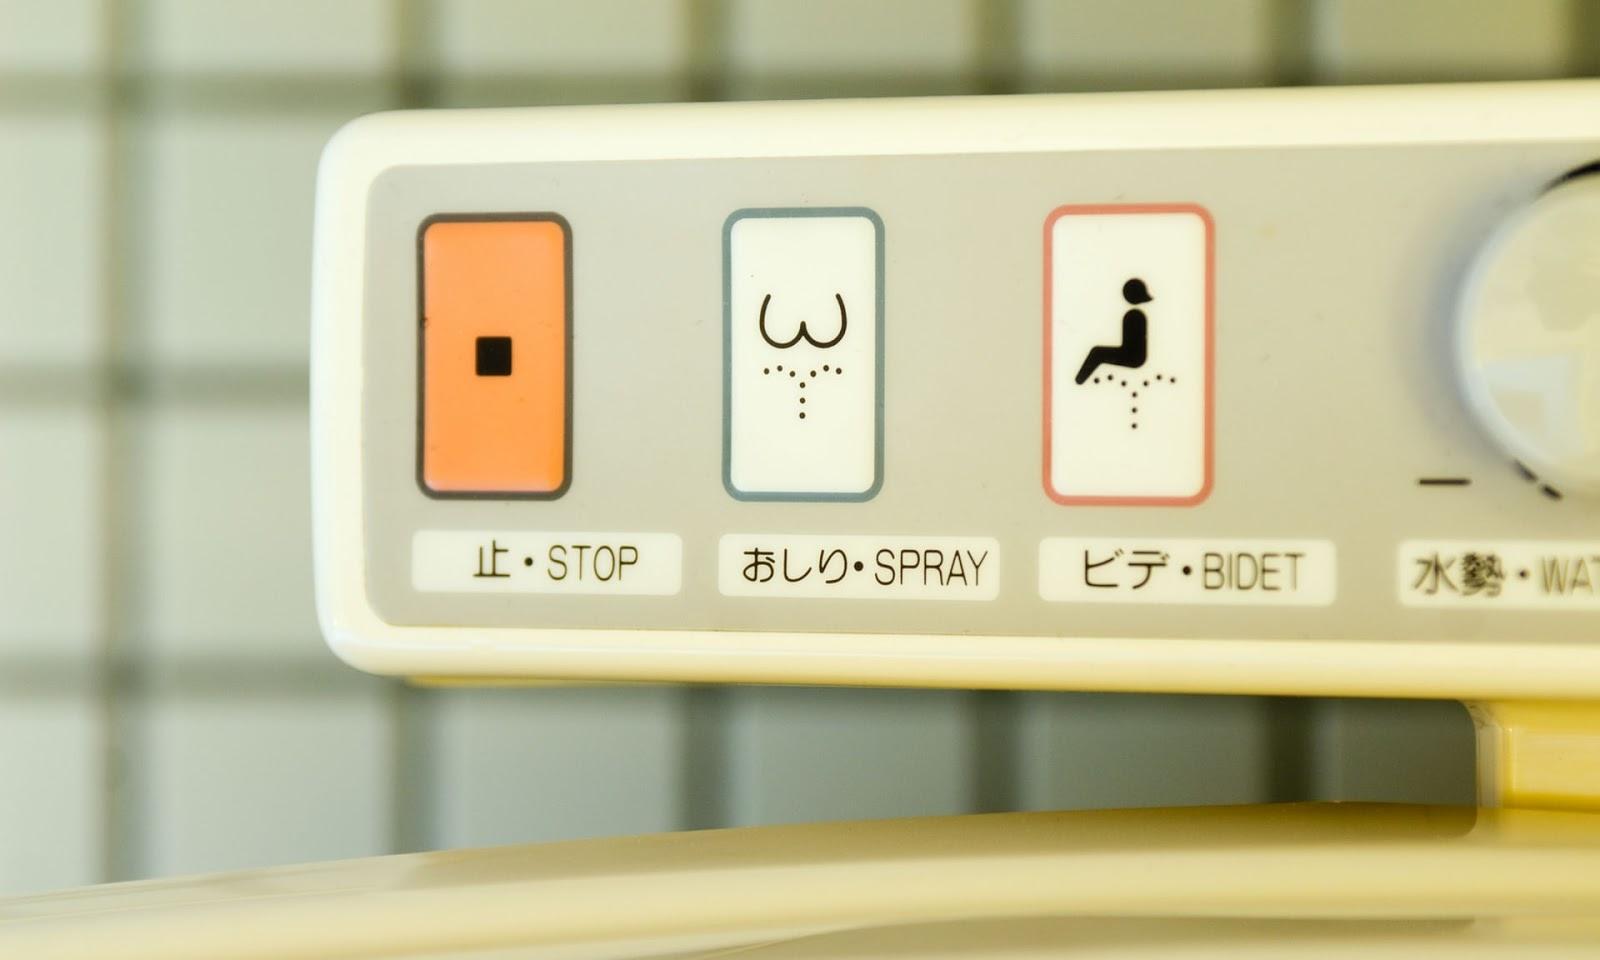 Thiết bị vệ sinh TOTO xóa bỏ tiếng Nhật trên nắp rửa điện tử cho khách du lịch đến Thế vận hội Tokyo 2019